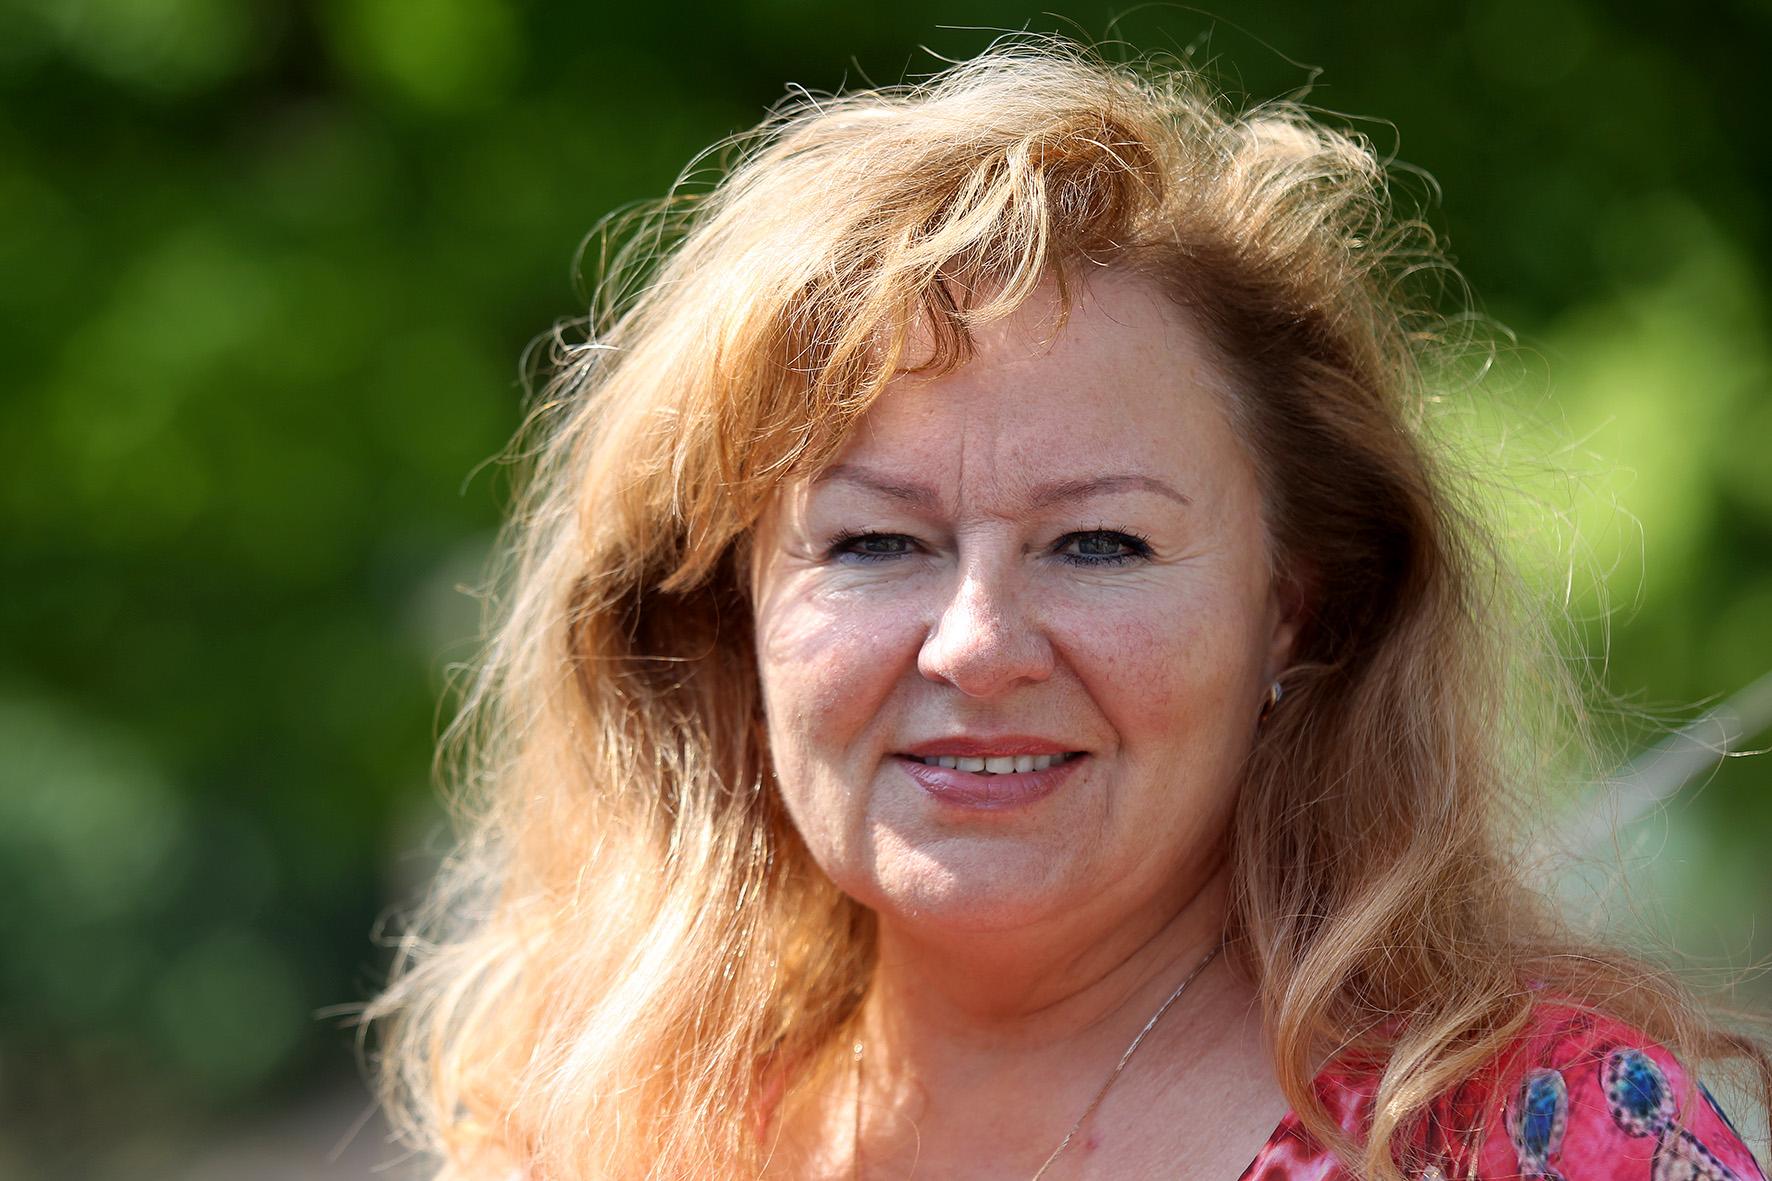 Iš Radviliškio rajono Pociūnėlių kaimo į Vikaičius atsikėlusi ir šios bendruomenės pirmininke tapusi Rita Kvilienė didžiuojasi jau tradicija spėjusiais tapti šio kaimo sportiniais ir kultūriniais renginiais.